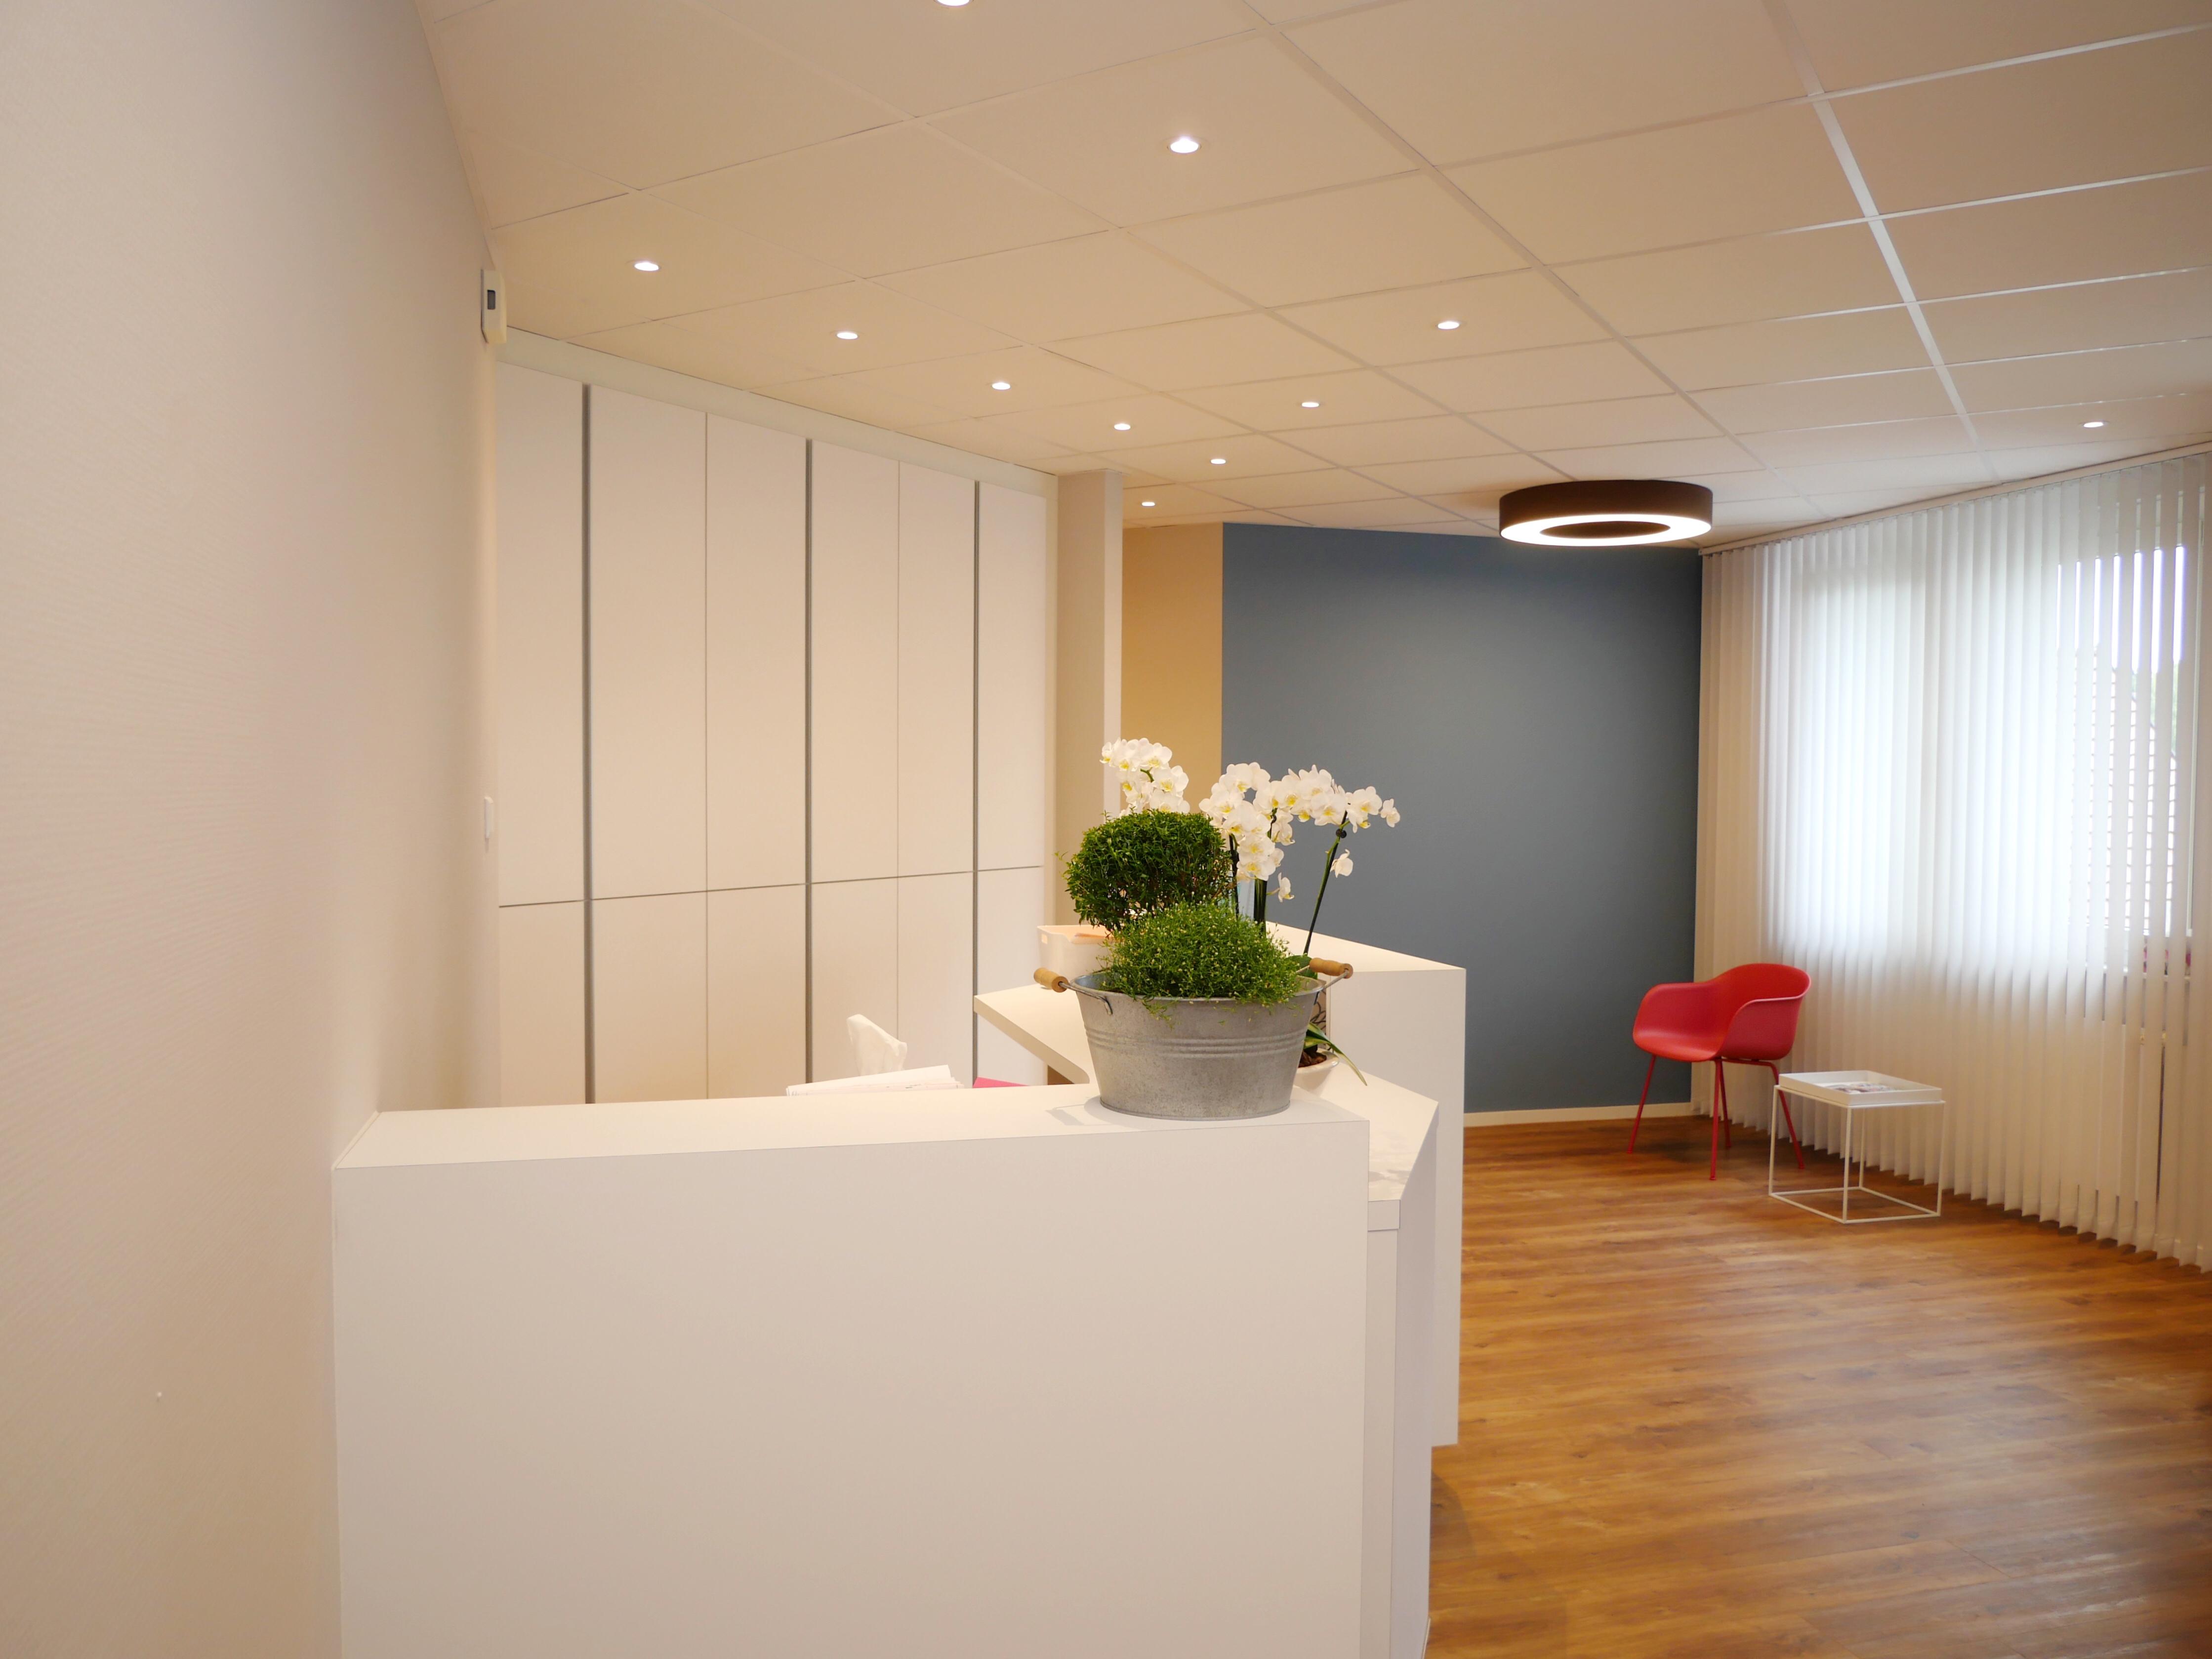 Schreibtischschrank Holzdesign Rapp Geisingen